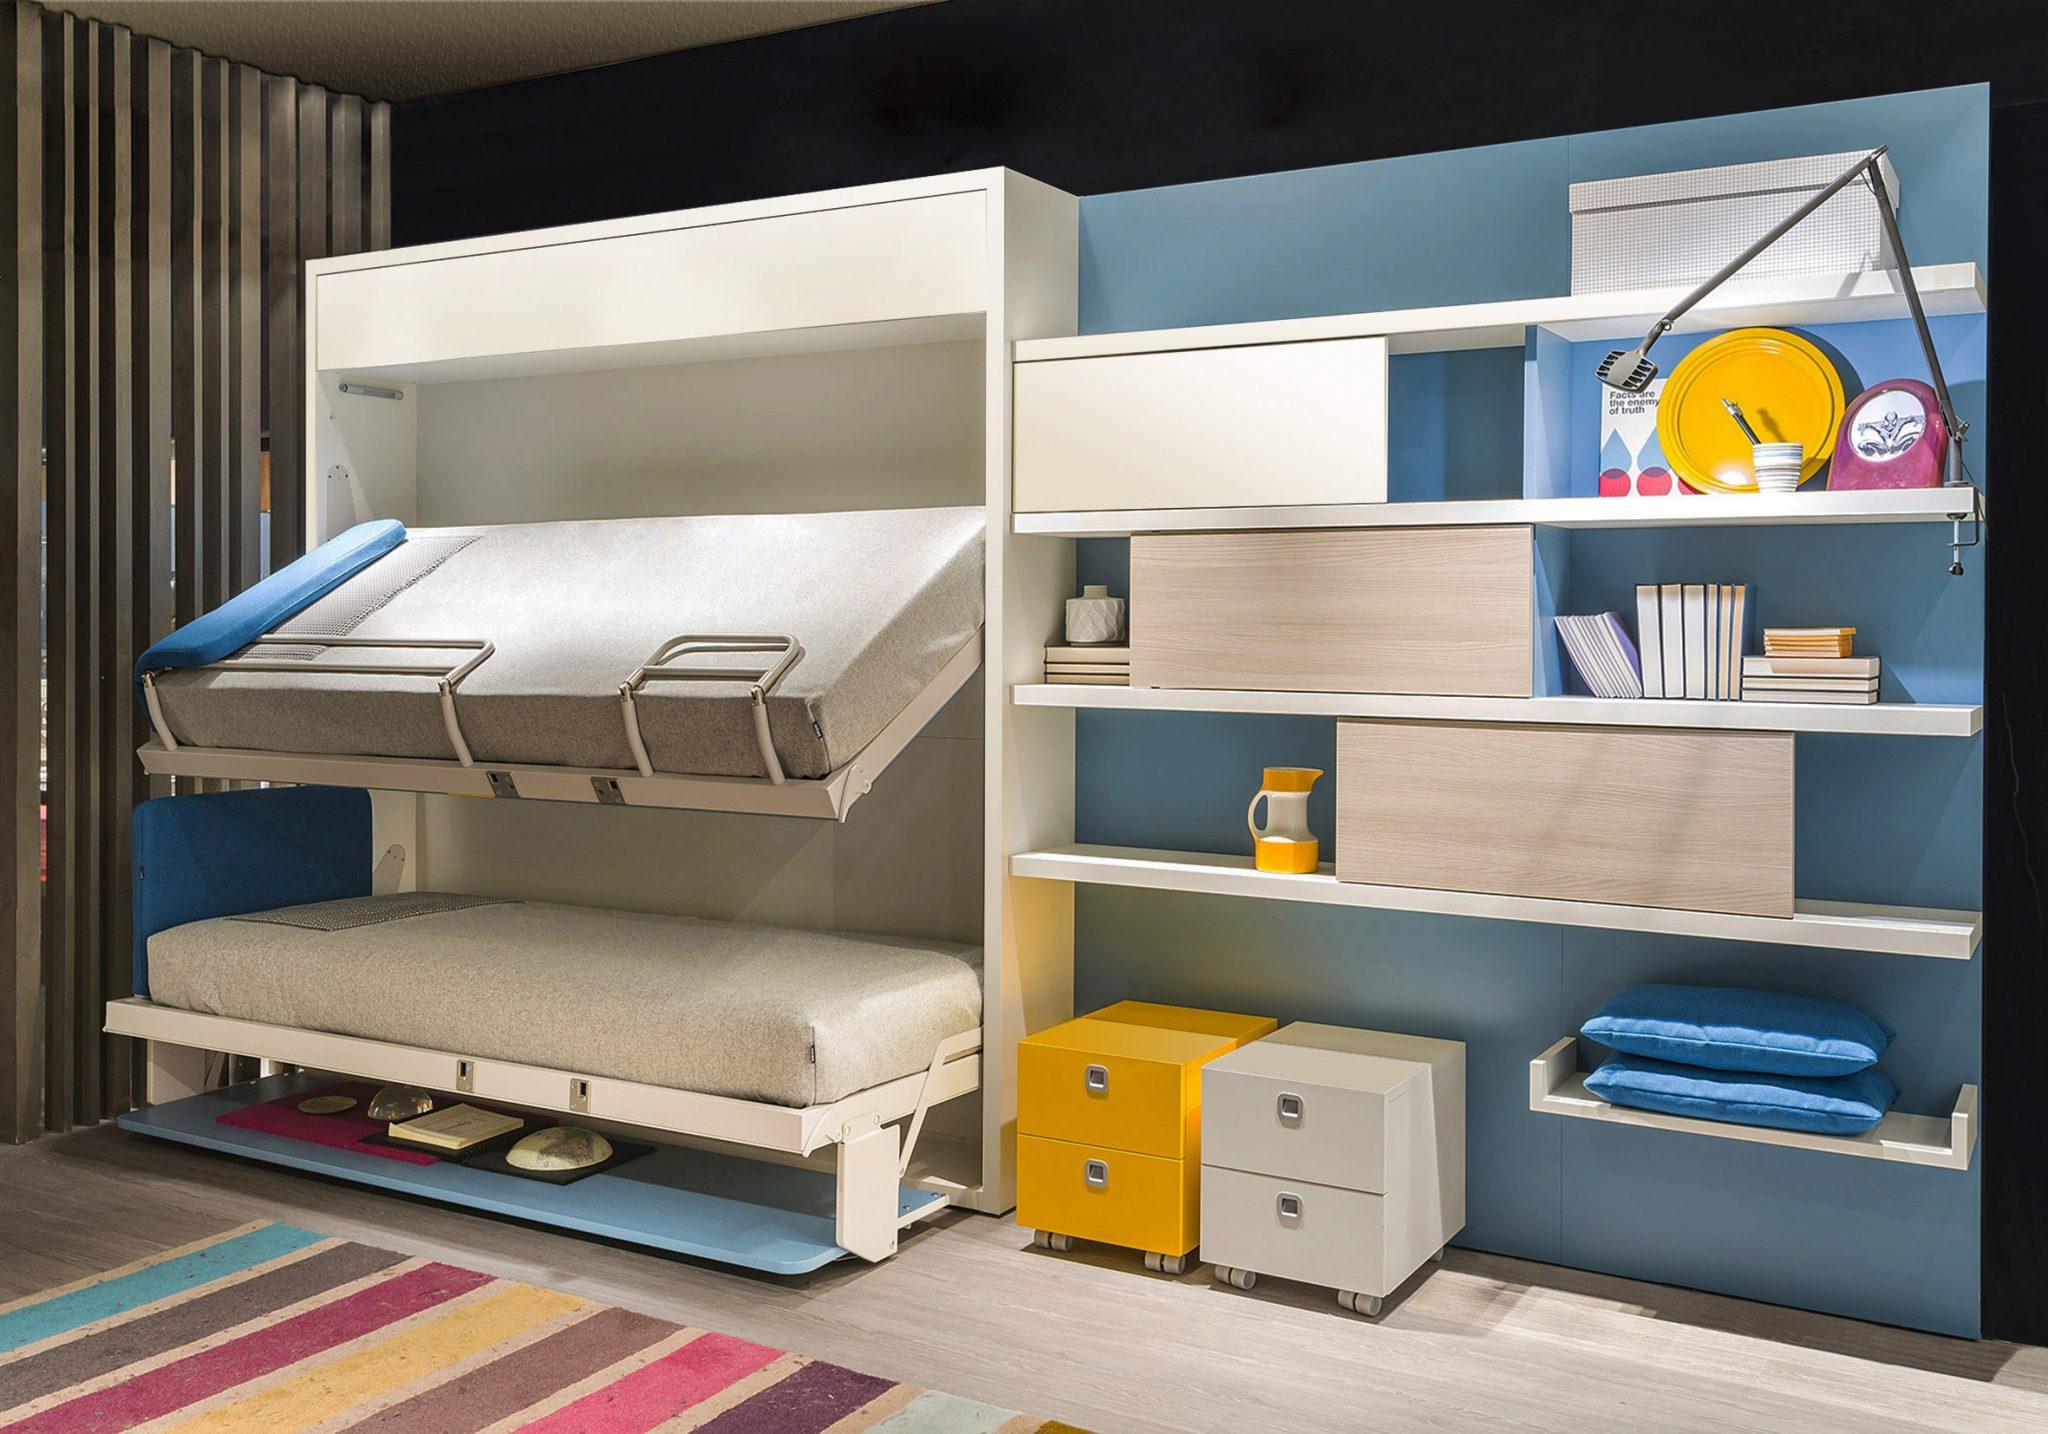 Literas Abatibles Soluci N En Habitaciones Compartidas Hoy Lowcost # Muebles Literas Triples